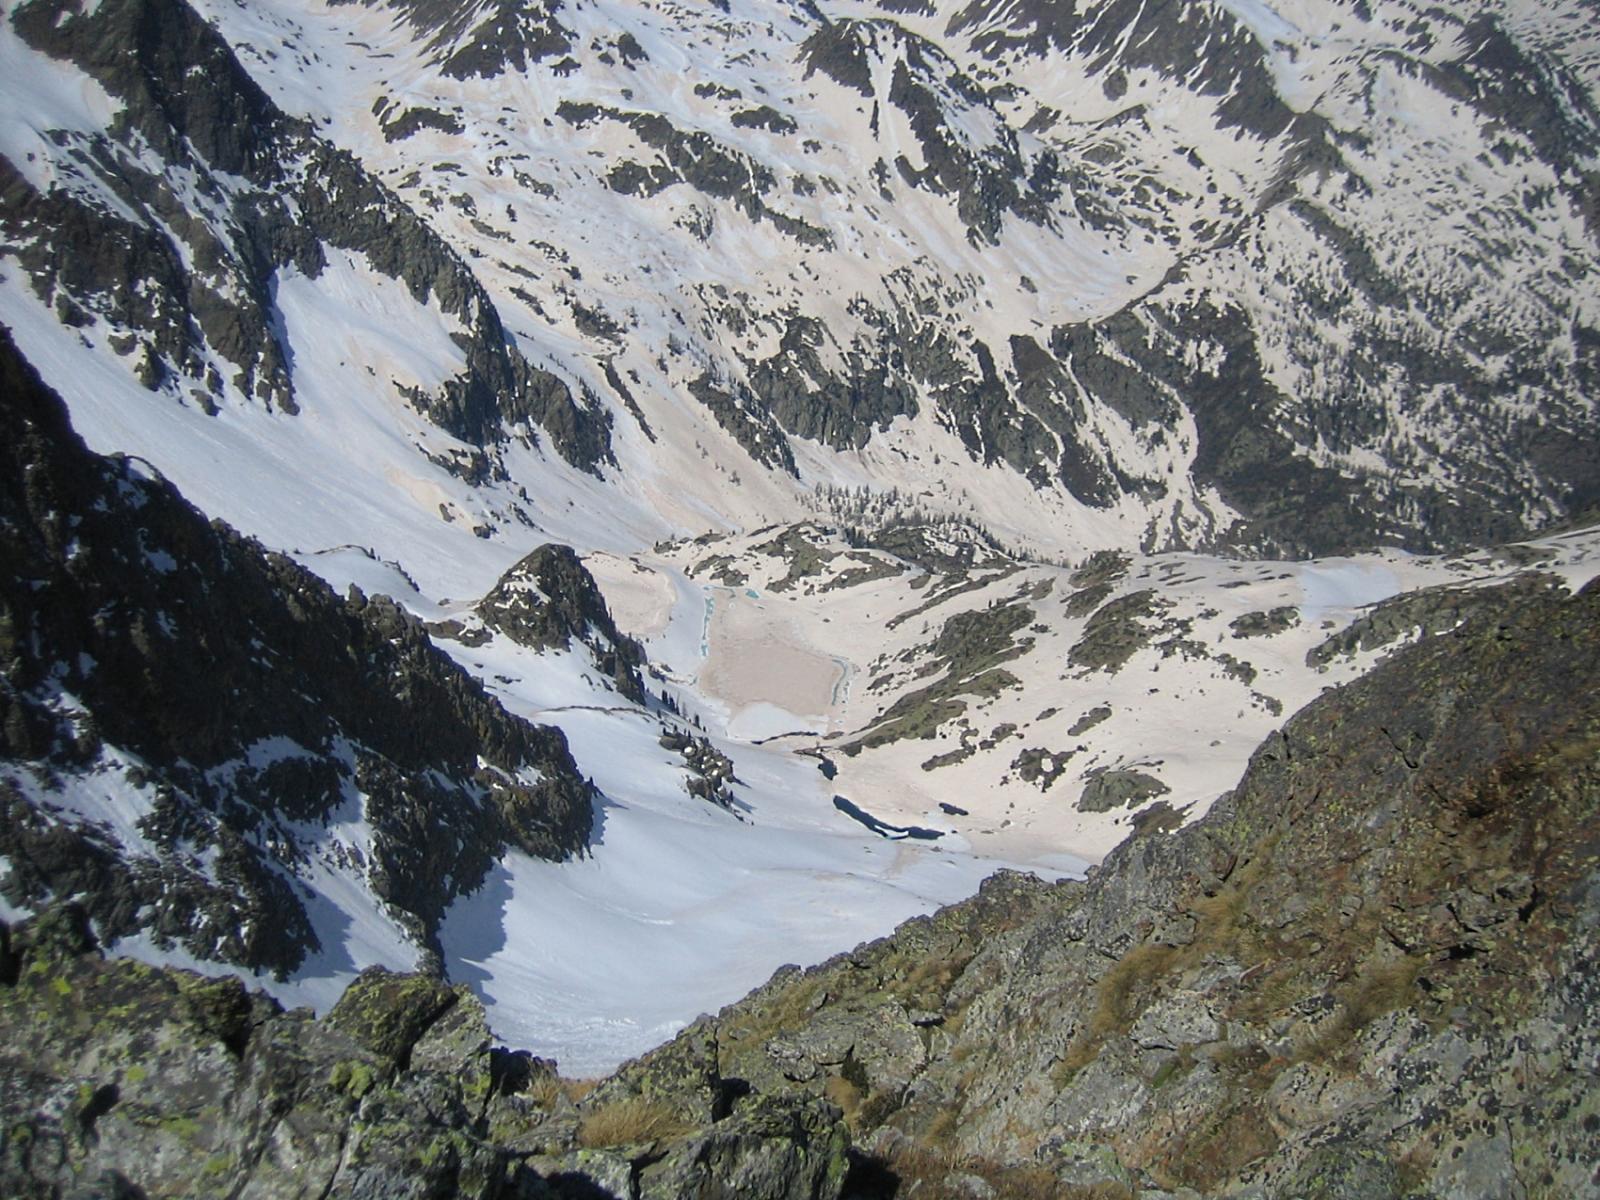 dalla cima vista sul percorso di salita: al centro il lago Malinvern